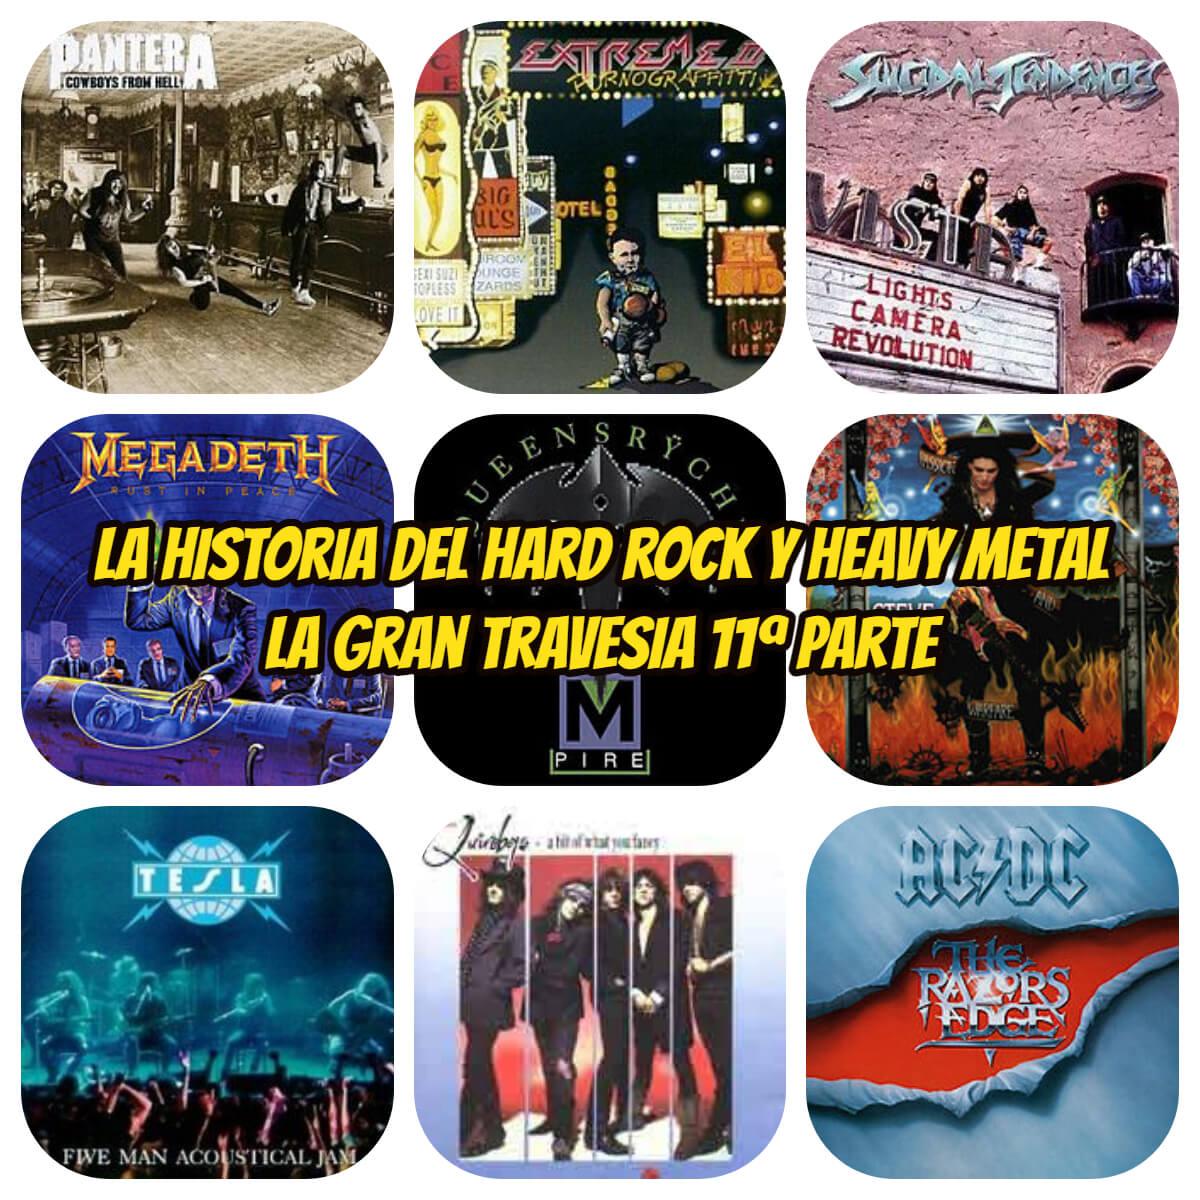 la historia del hard rock y heavy metal 1990 la gran travesia radio free rock